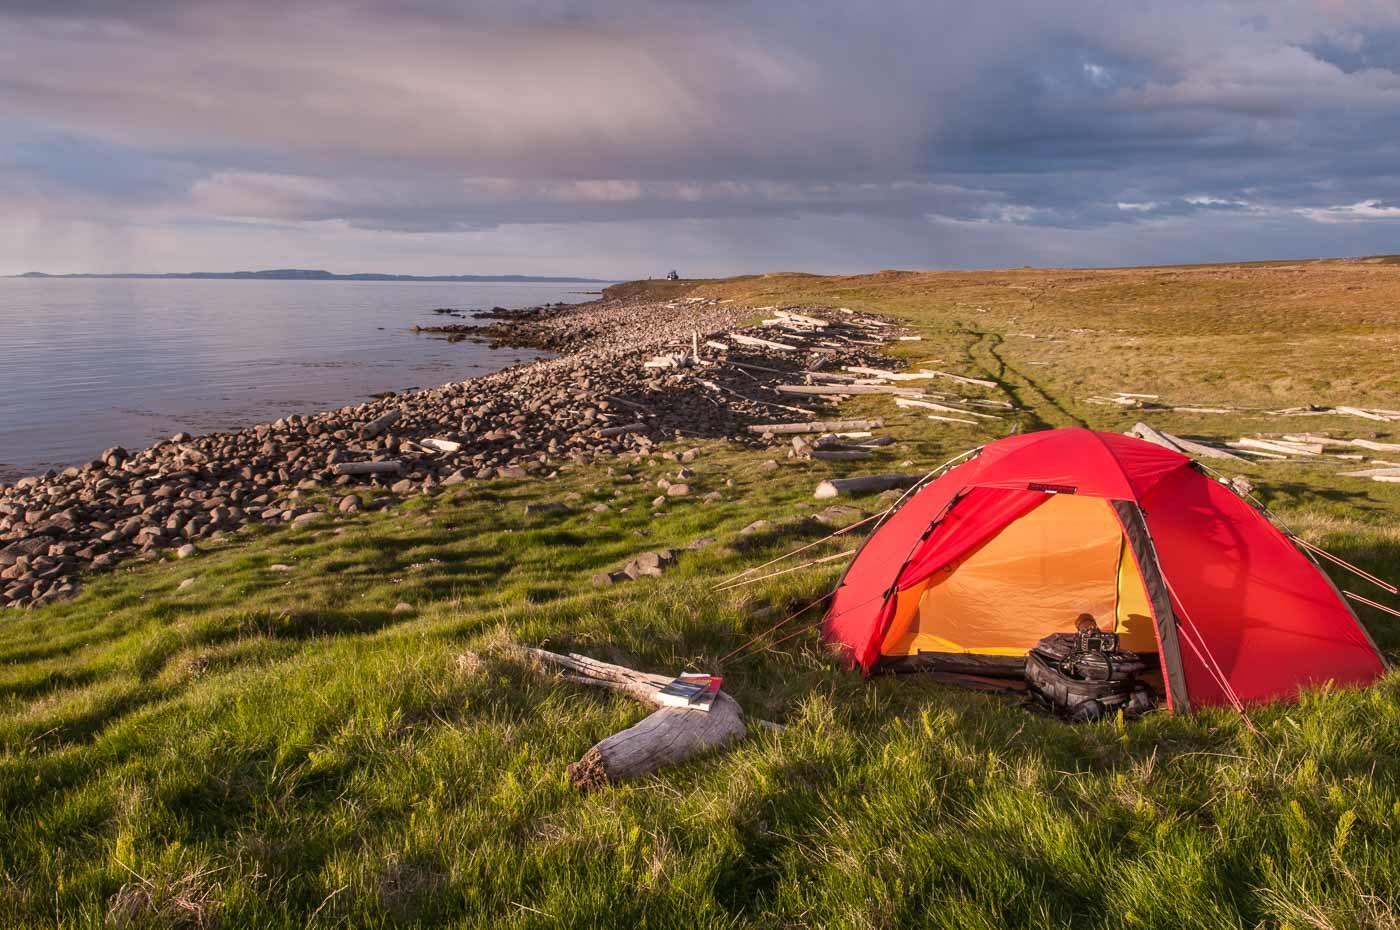 island zelten erlaubt